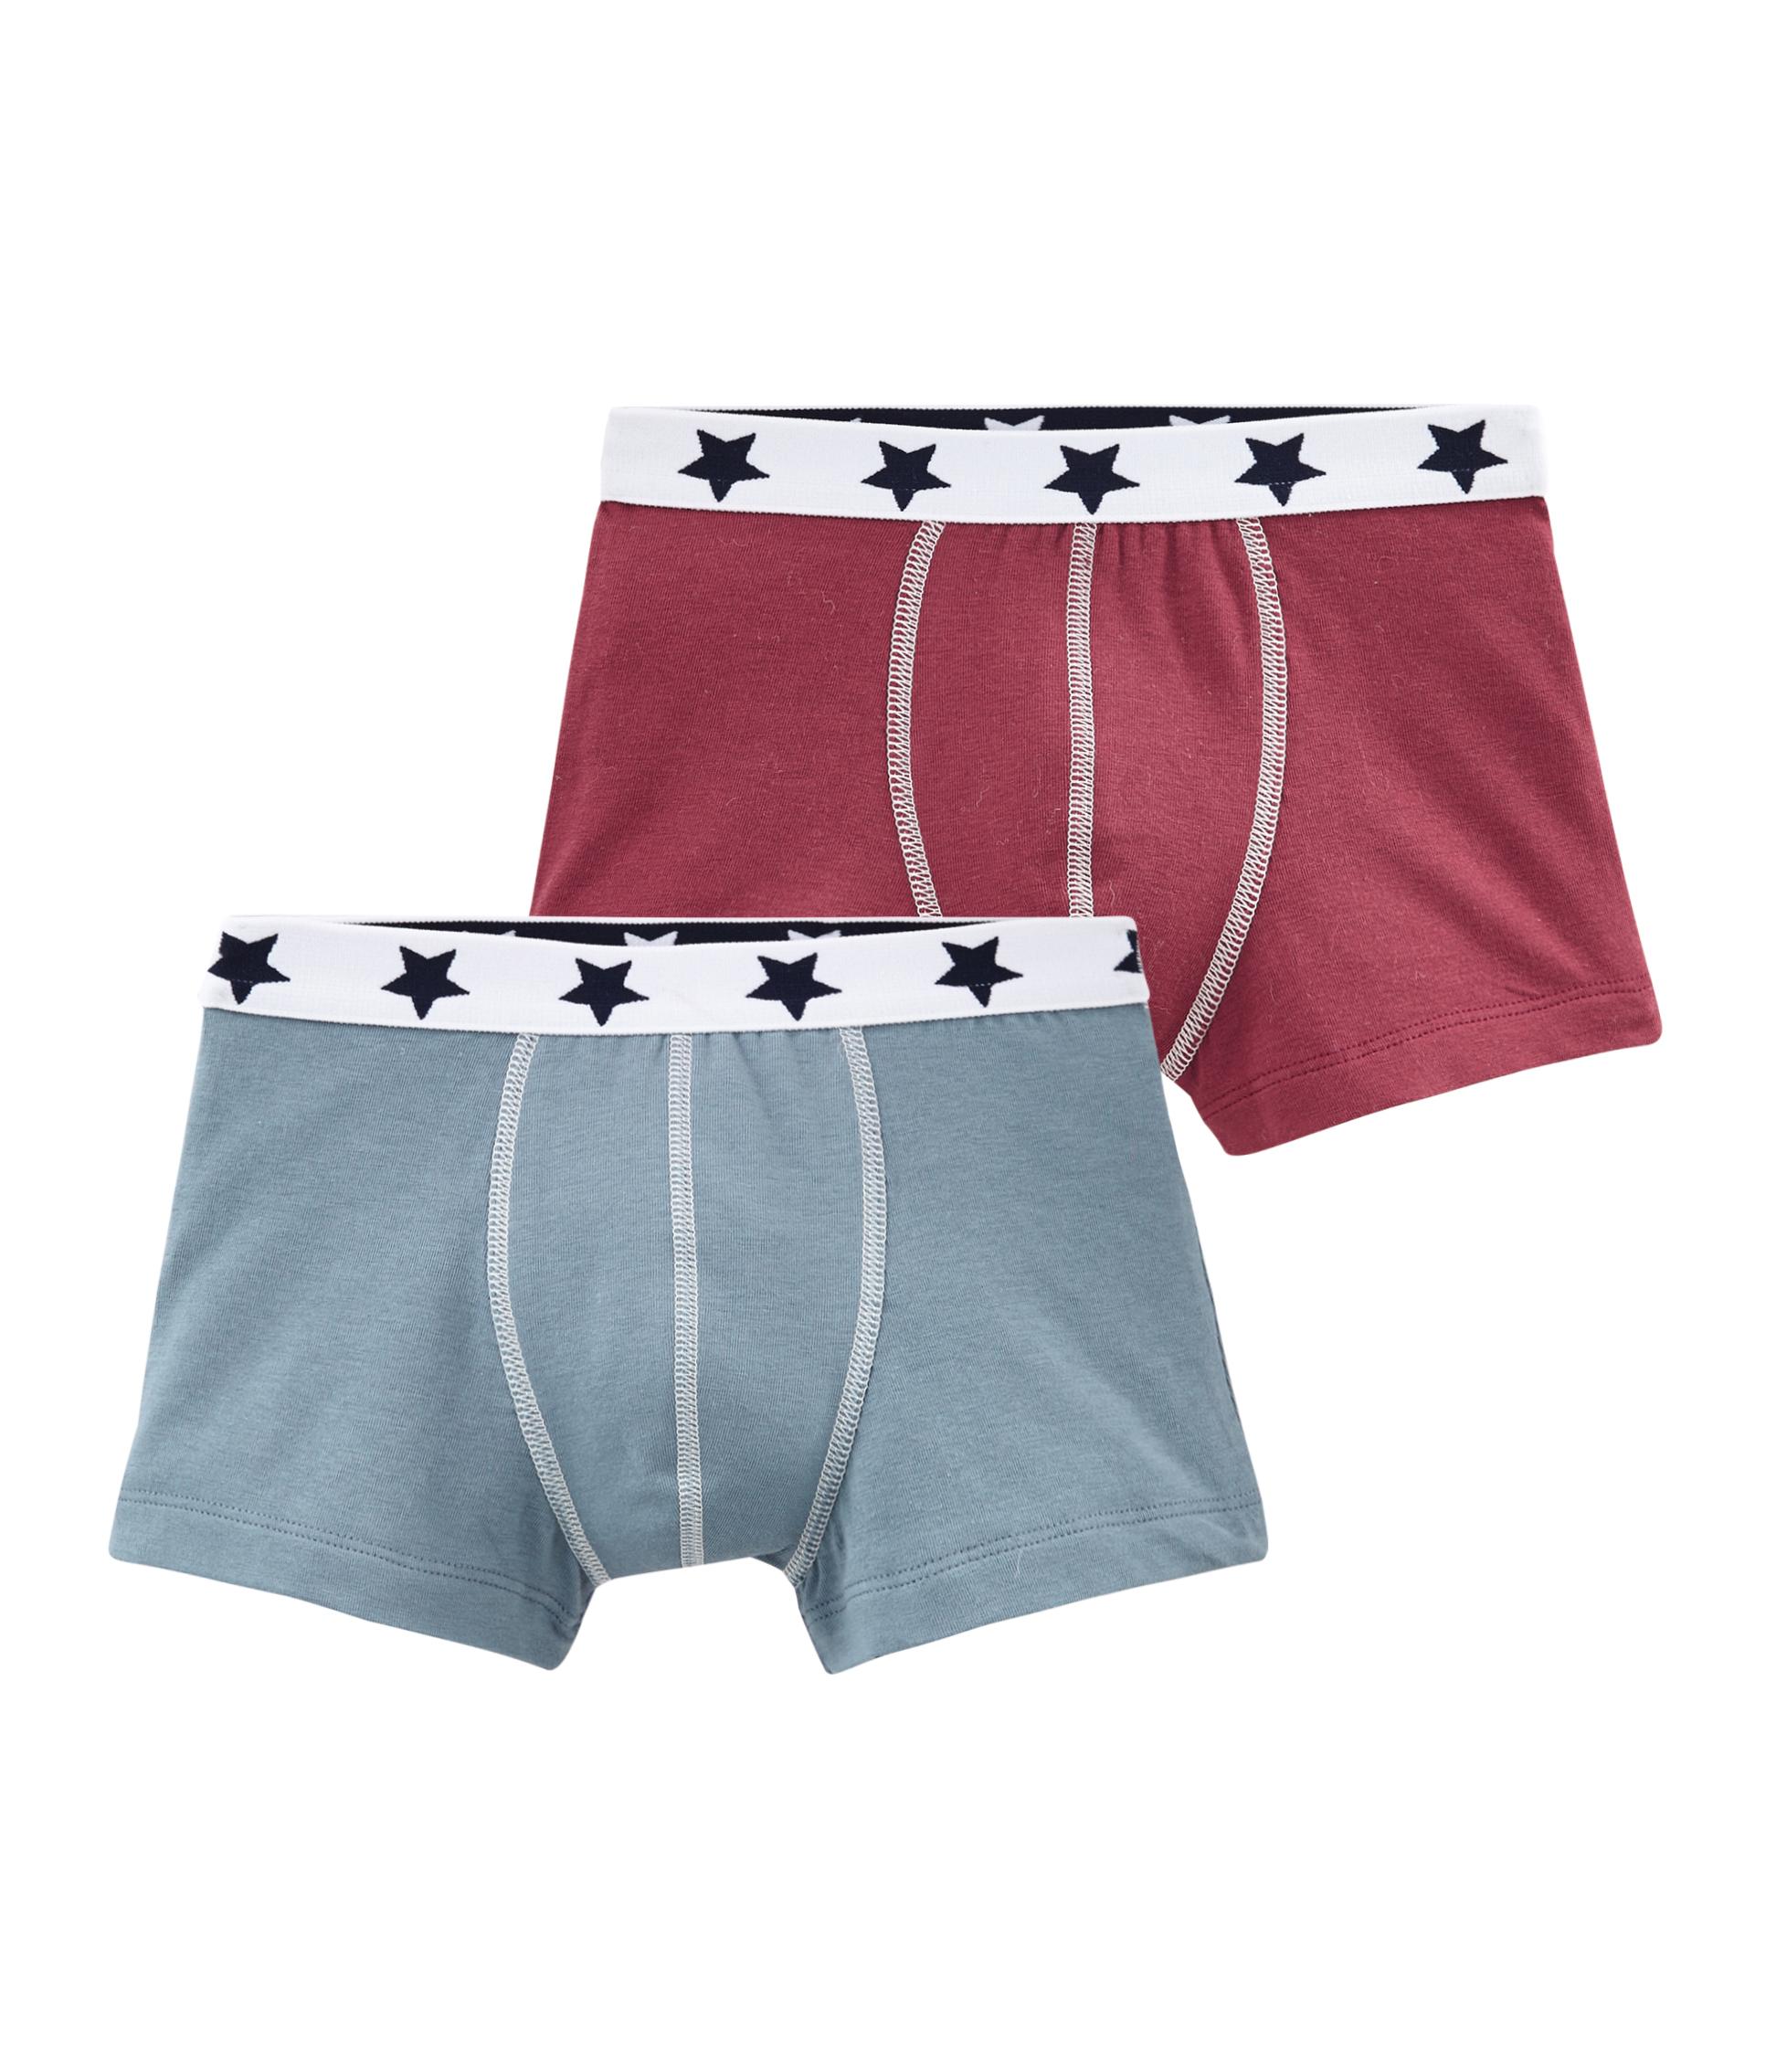 Ambabe Toddler Unisex Baby Girl Boy Satin Silk Pajamas Set Short Sleeve Shirt+Shorts 2PCS Loungewear Sleepwear PJs Nightwear